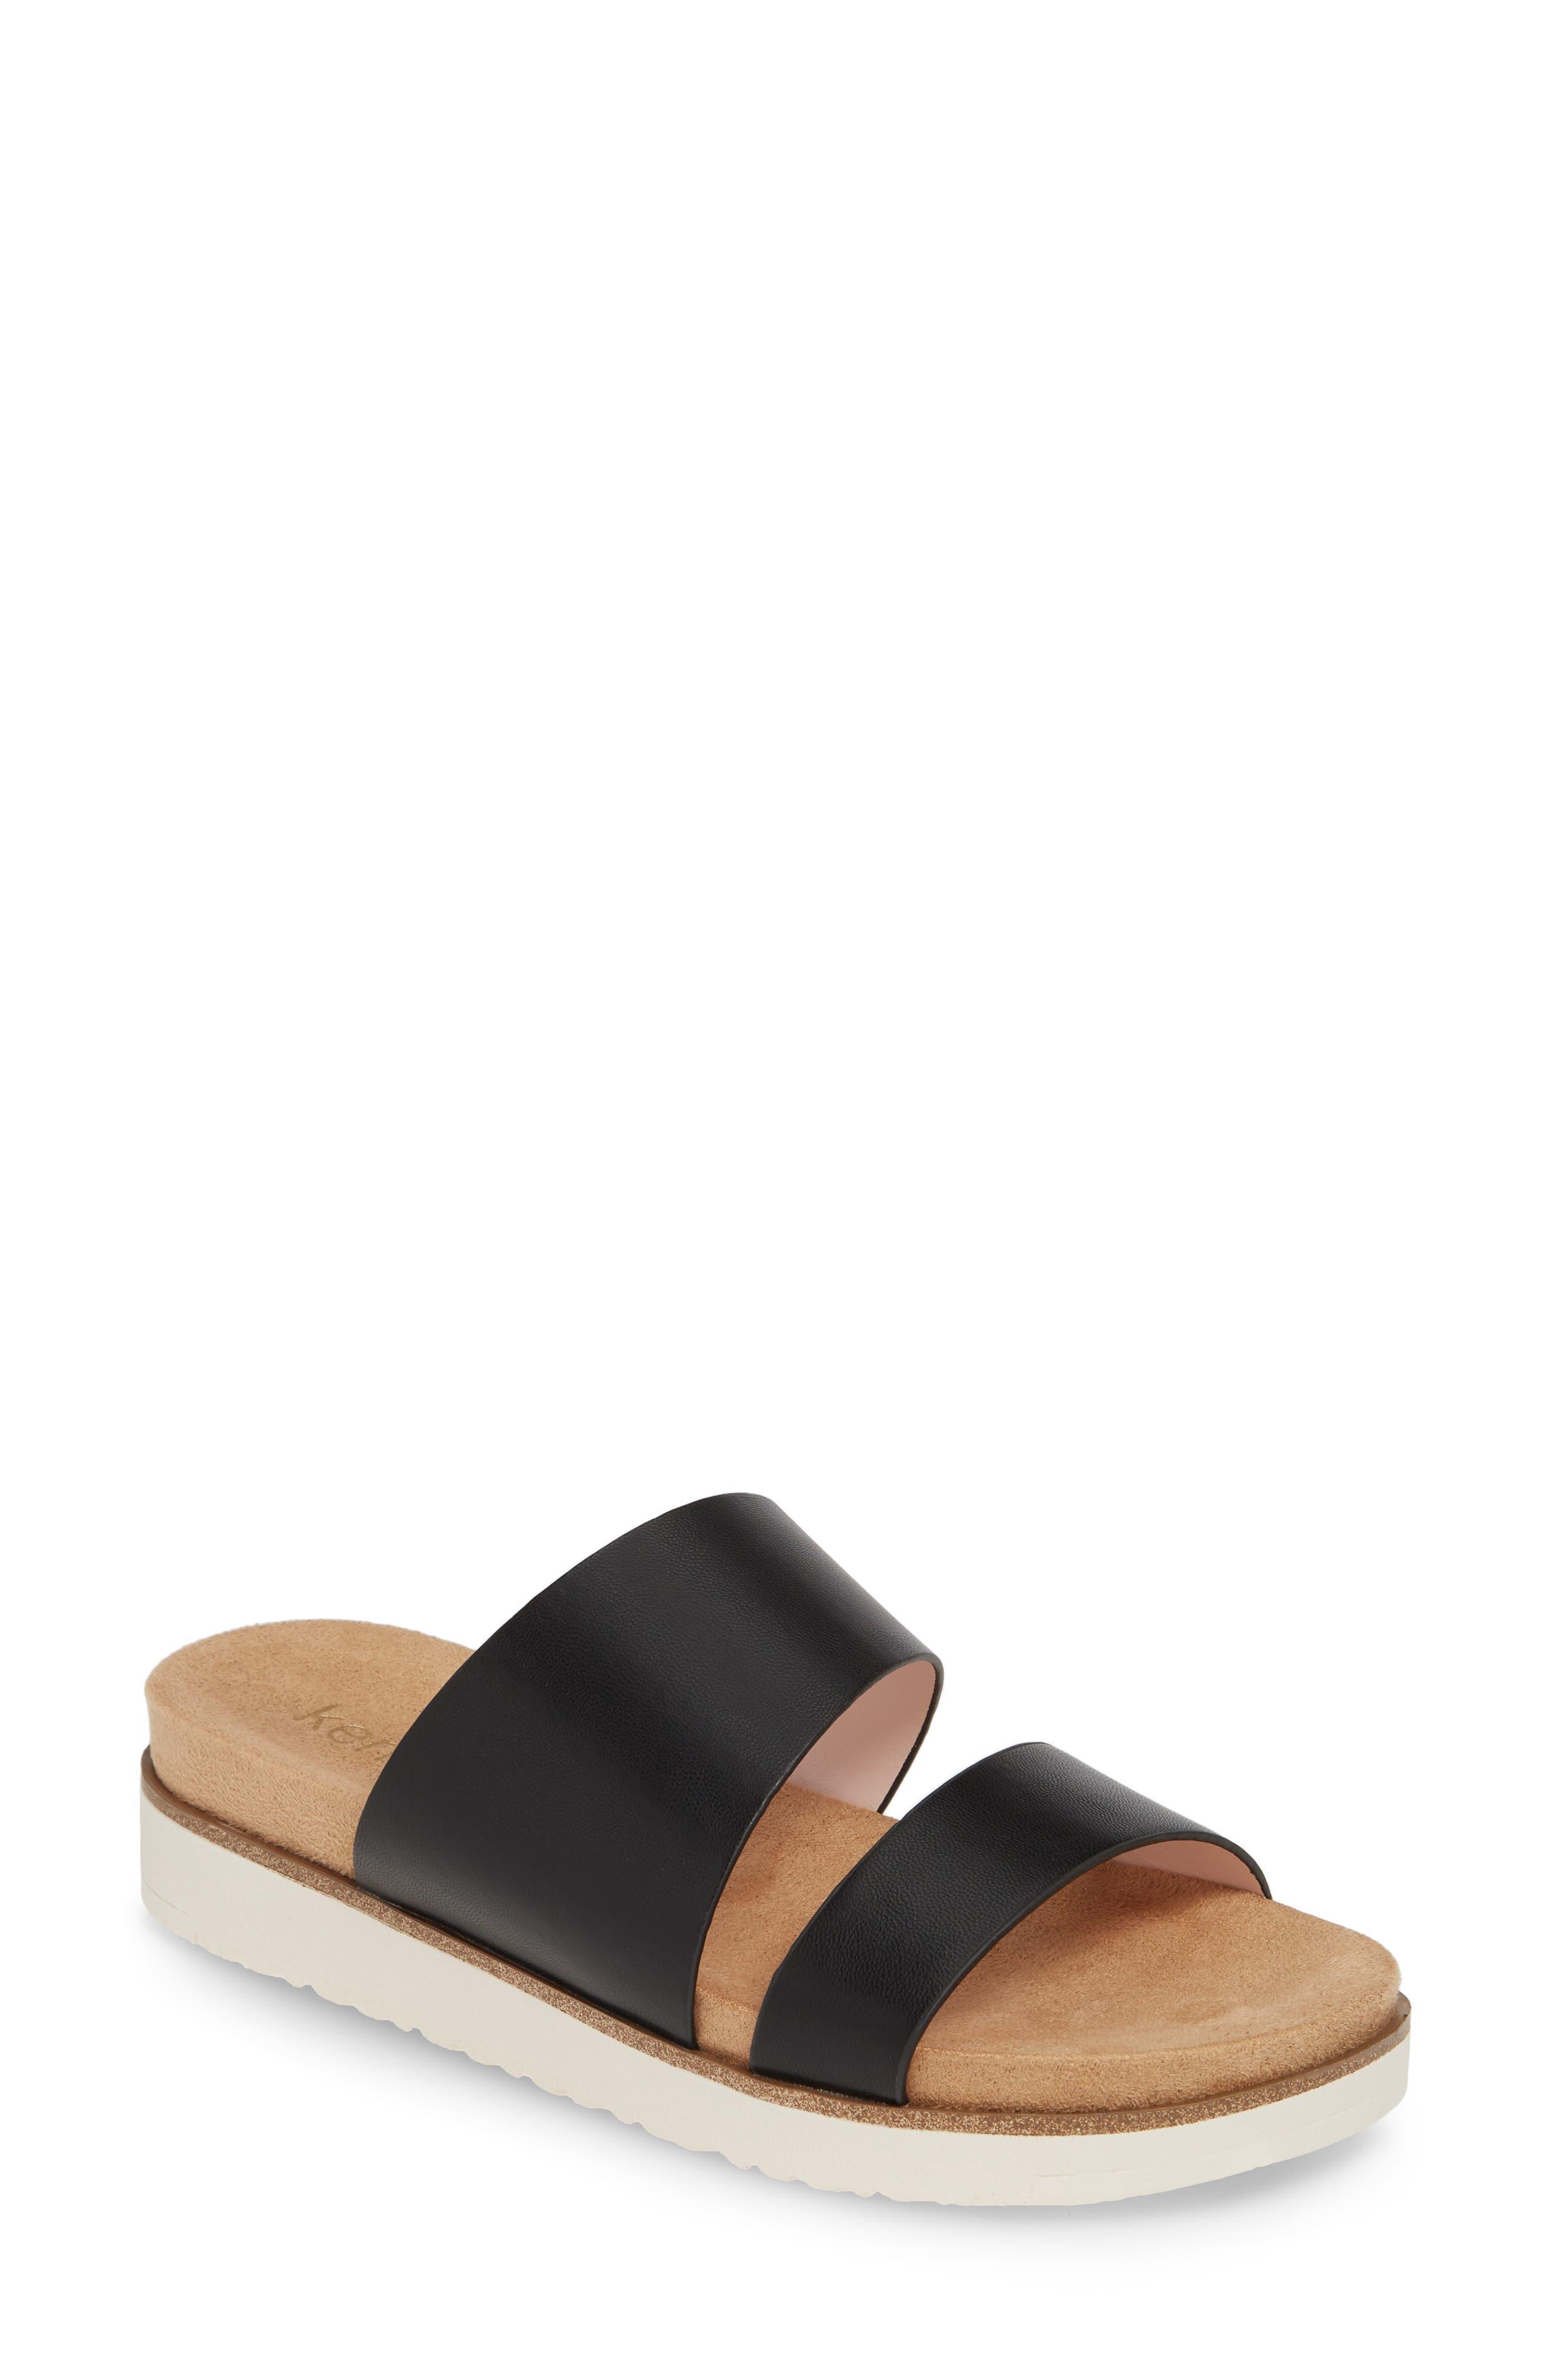 Danesha Slide Sandal, Main, color, BLACK